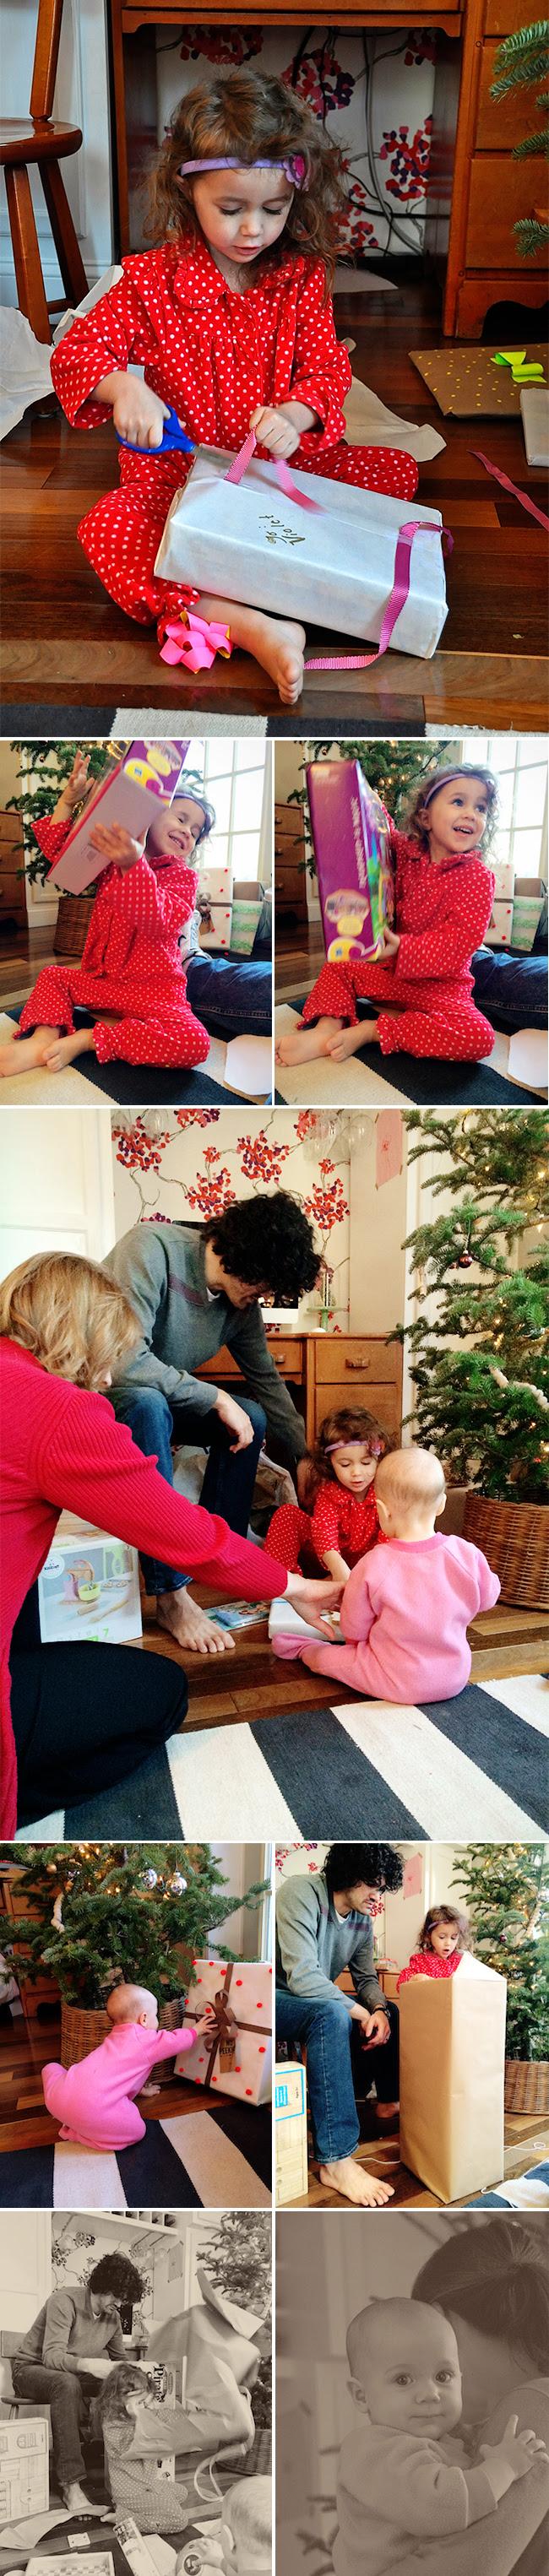 Christmas-Morning-2013-2